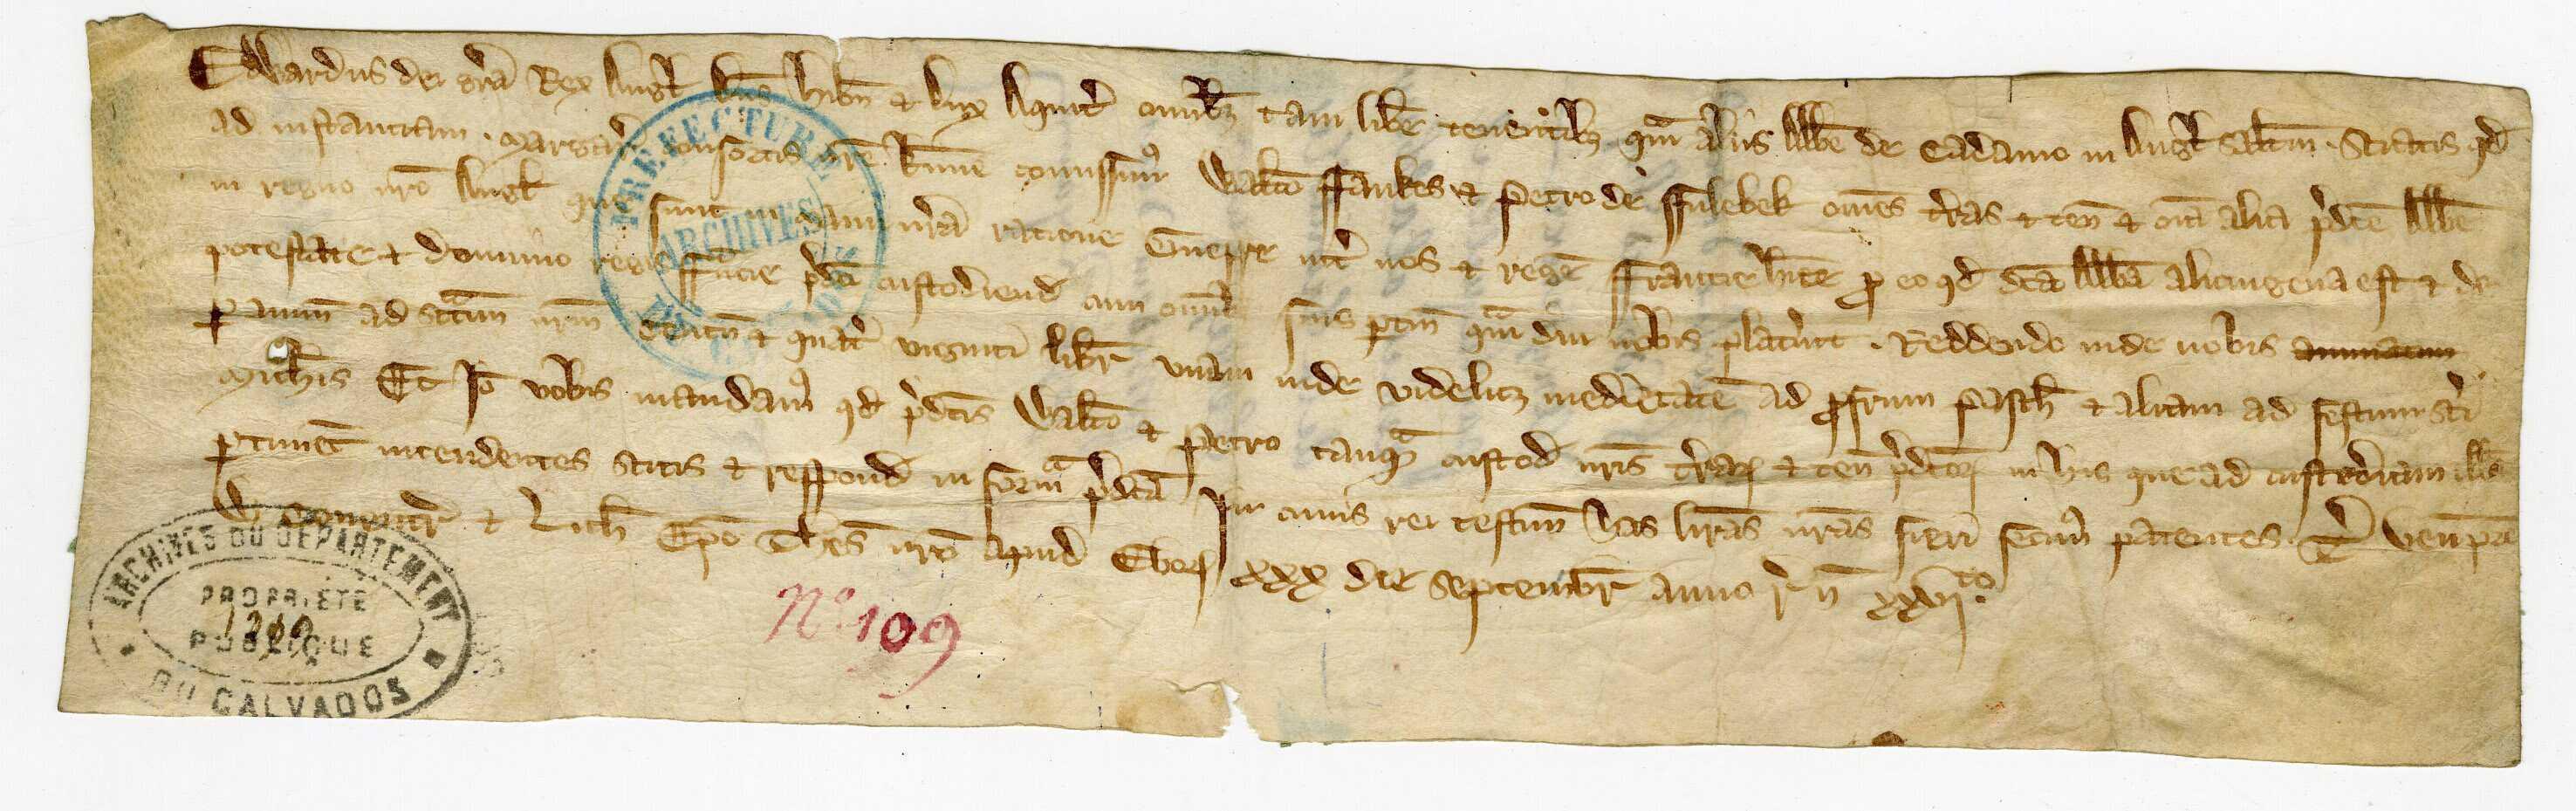 Édouard remet l'abbaye les terres qu'elle possède dans son royaume